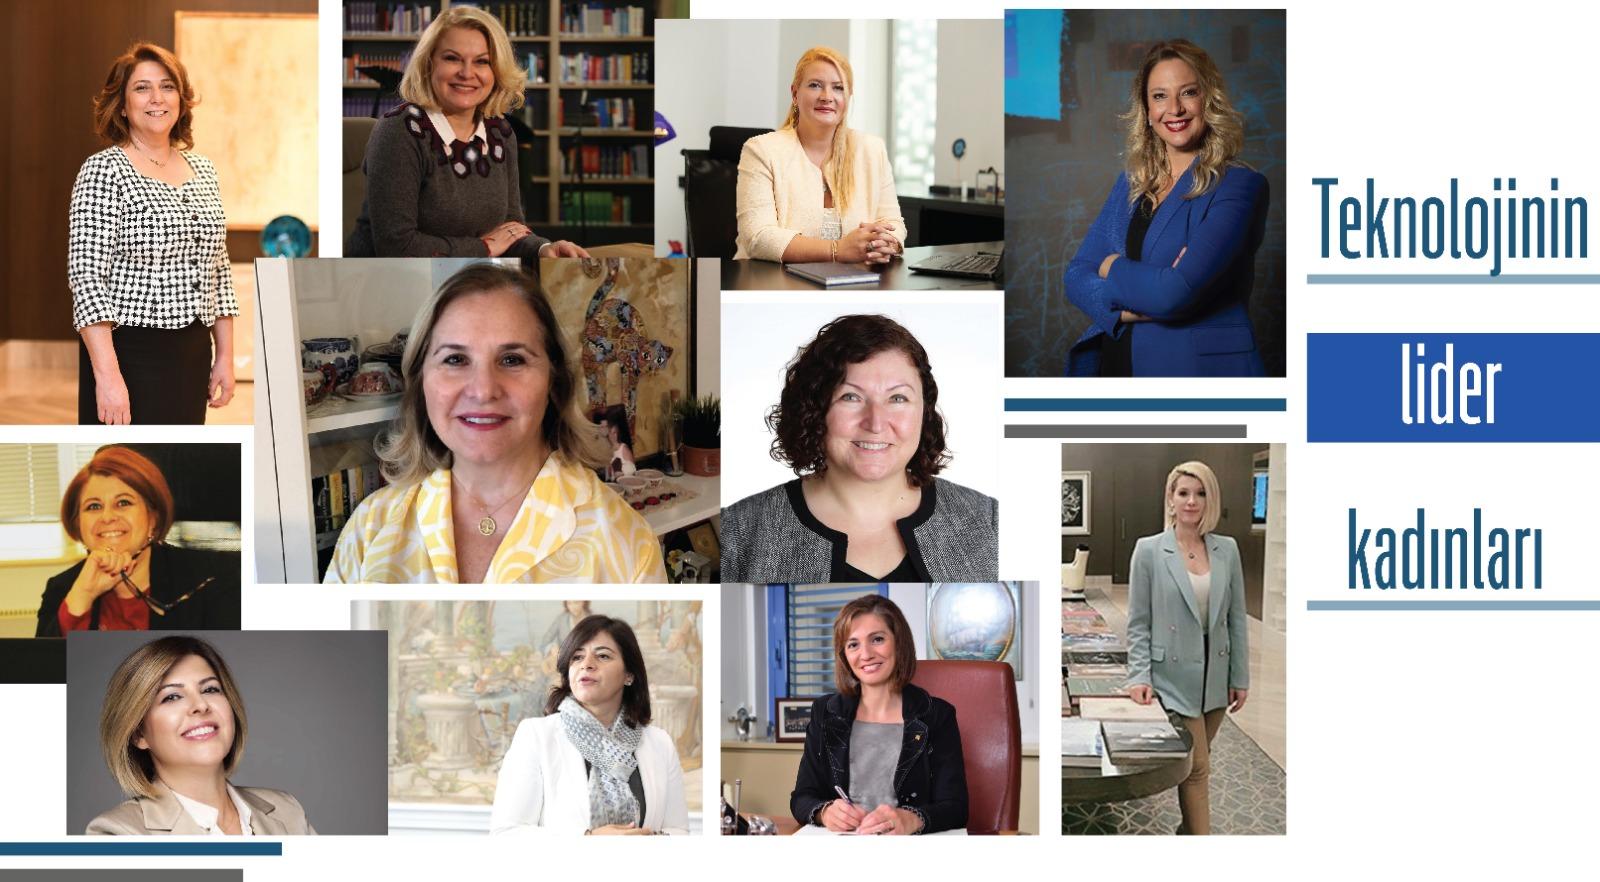 """Teknoloji uzmanı ve yöneticisi 10 kadın anlattı: """"Kadın girişimcilik ilerliyor, bilgisayar dünyasında kadınlara büyük fırsat var"""""""